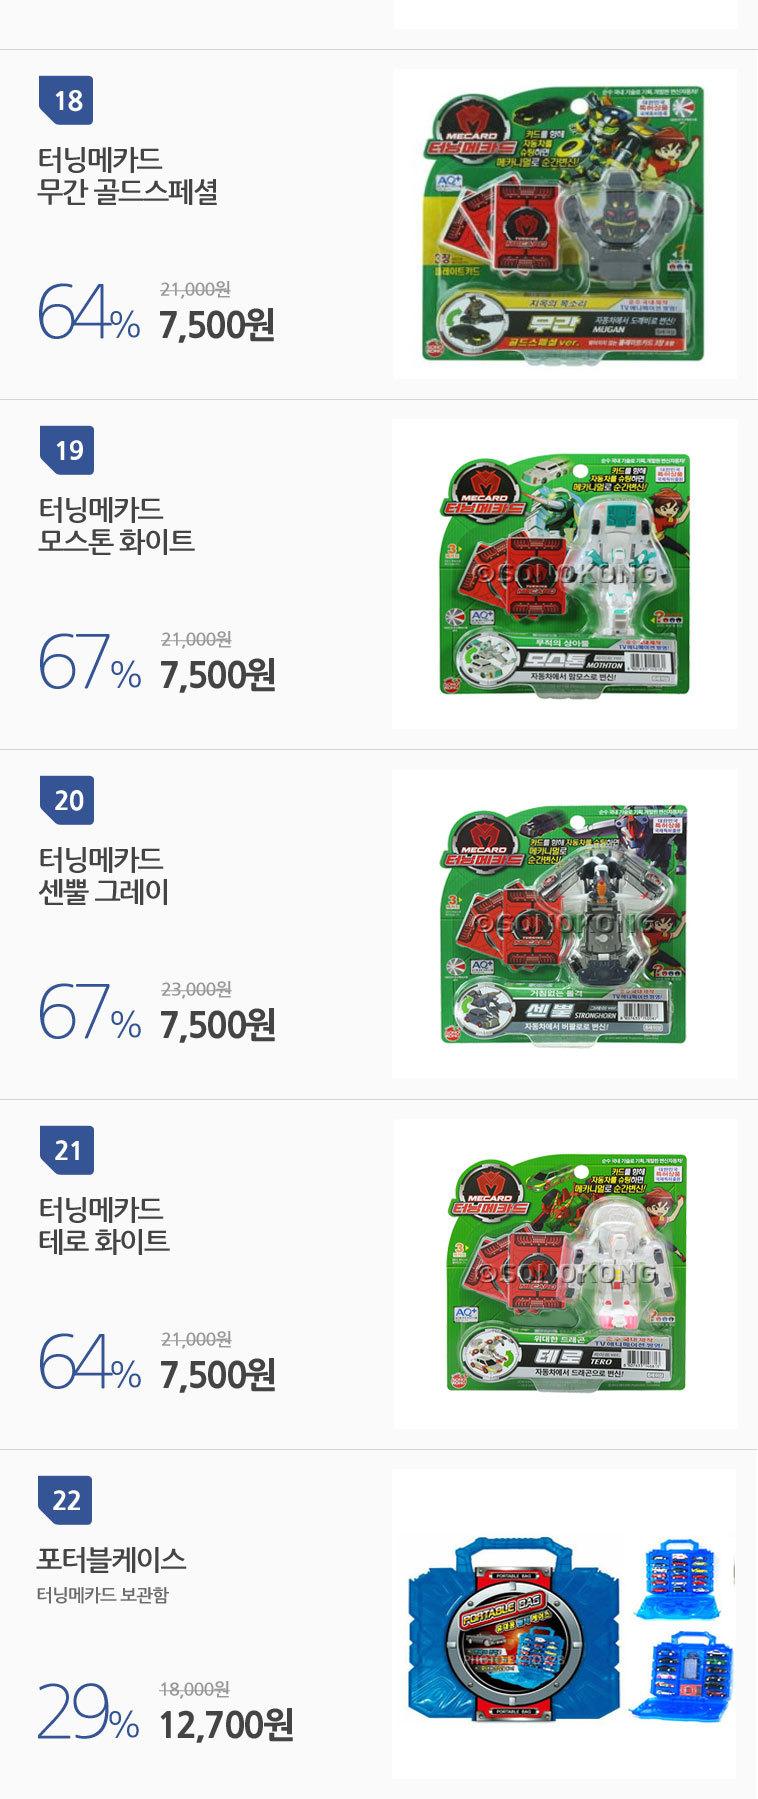 손오공 터닝메카드 땡처리 22종 - 상세정보